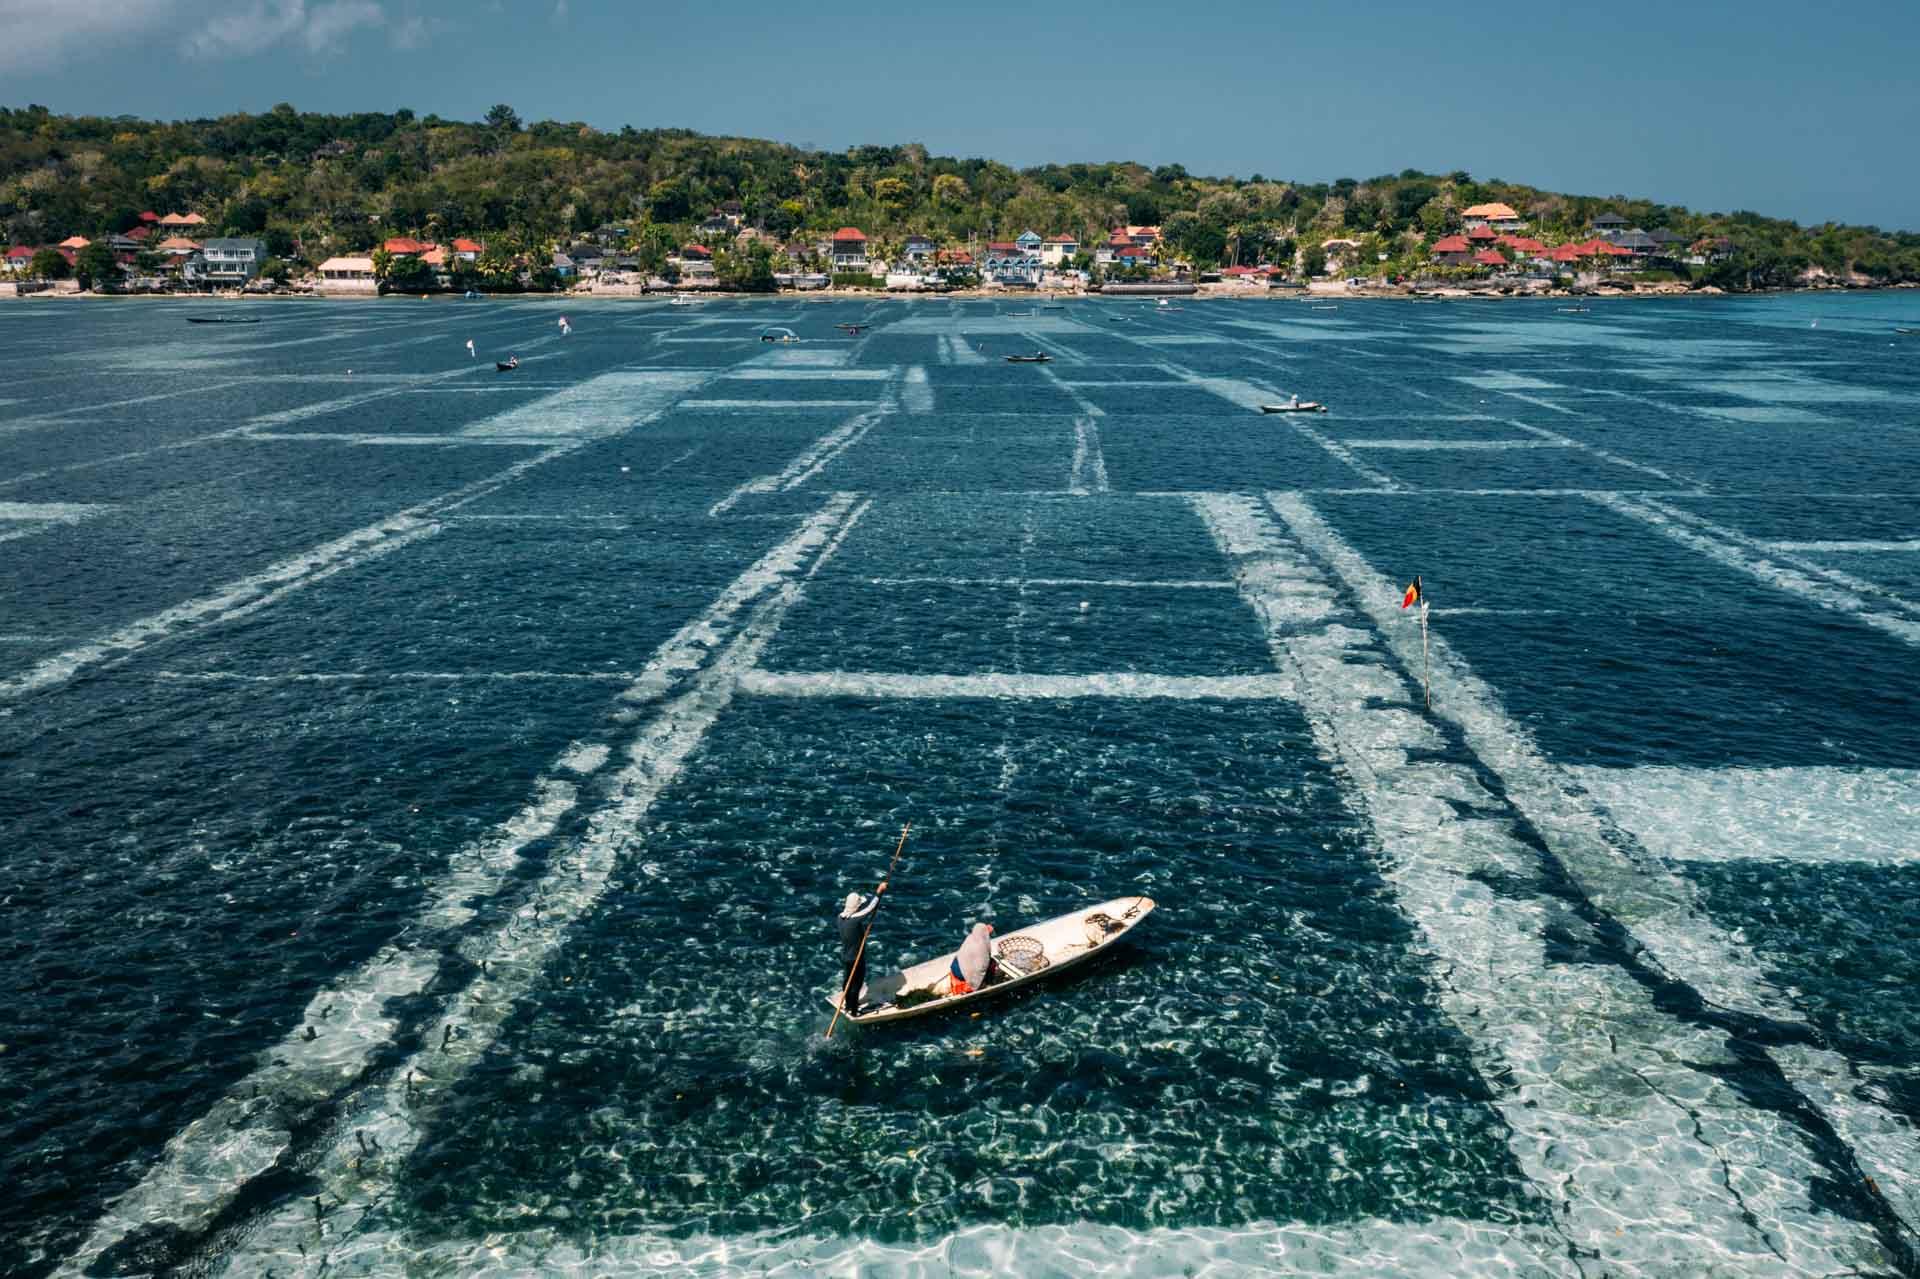 things to do in nusa lembongan, nusa lembongan, lembongan, lembongan island, seaweed farms nusa lembongan